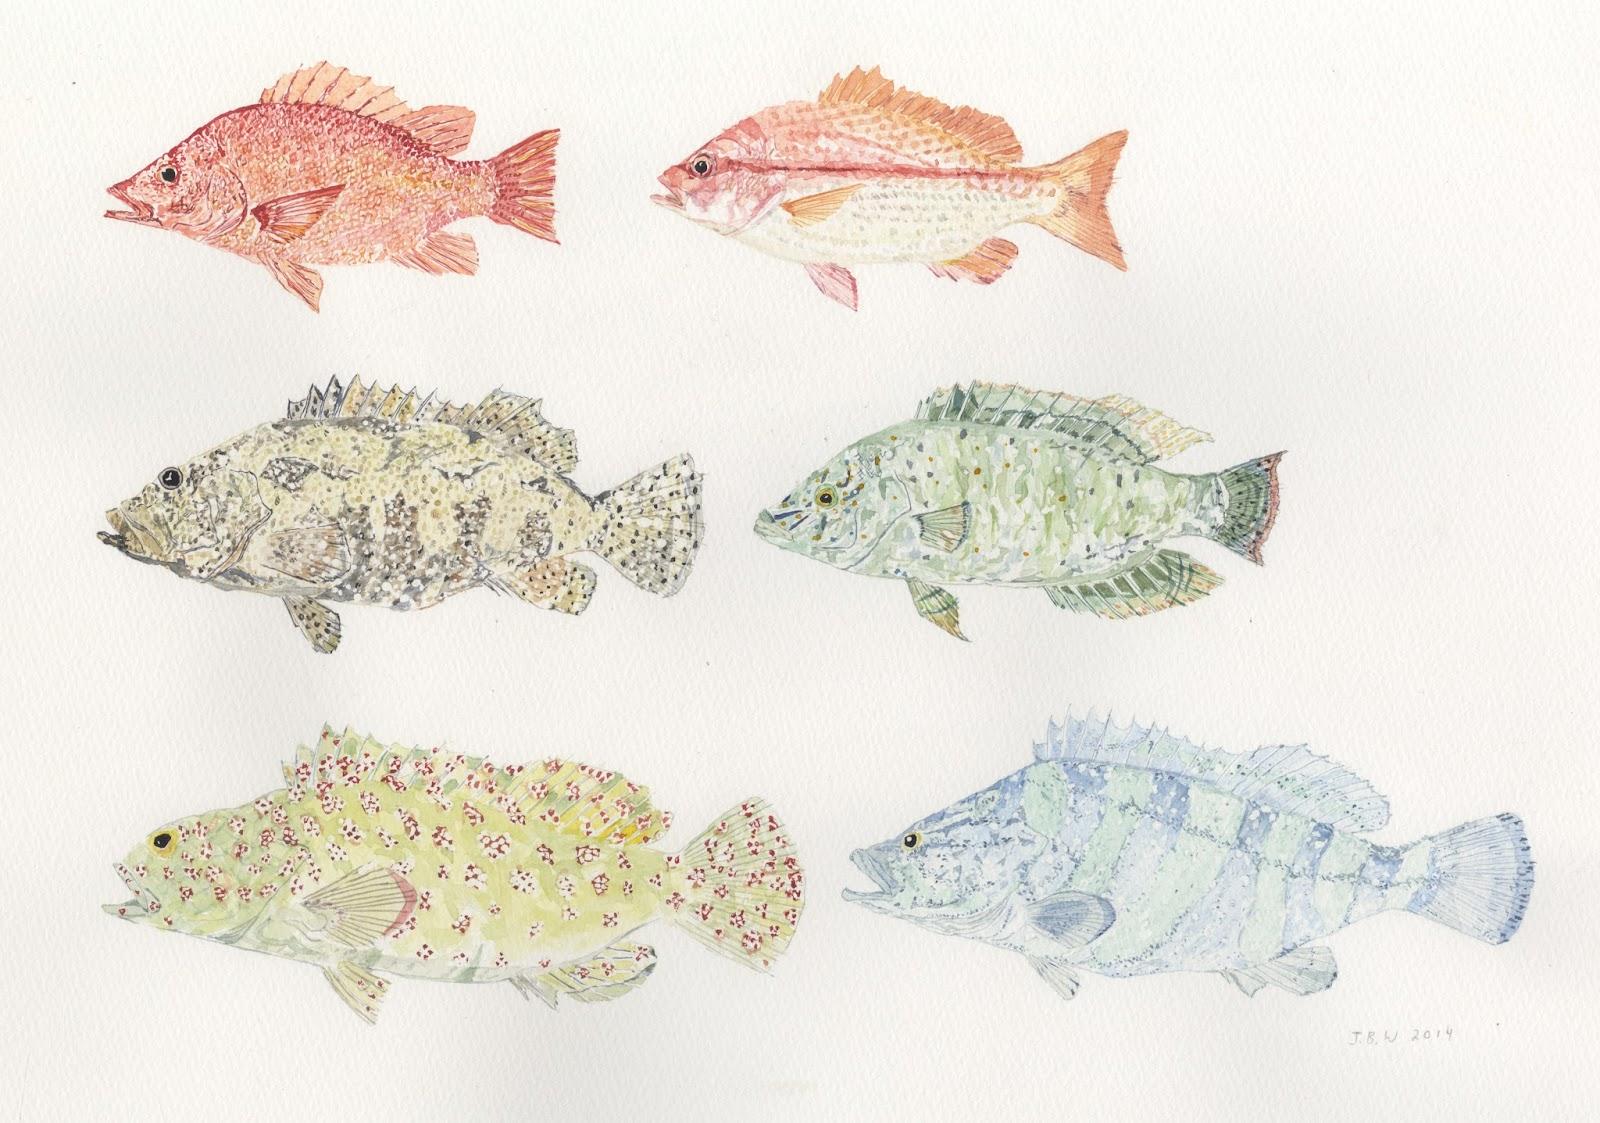 Pescadotes October 2014